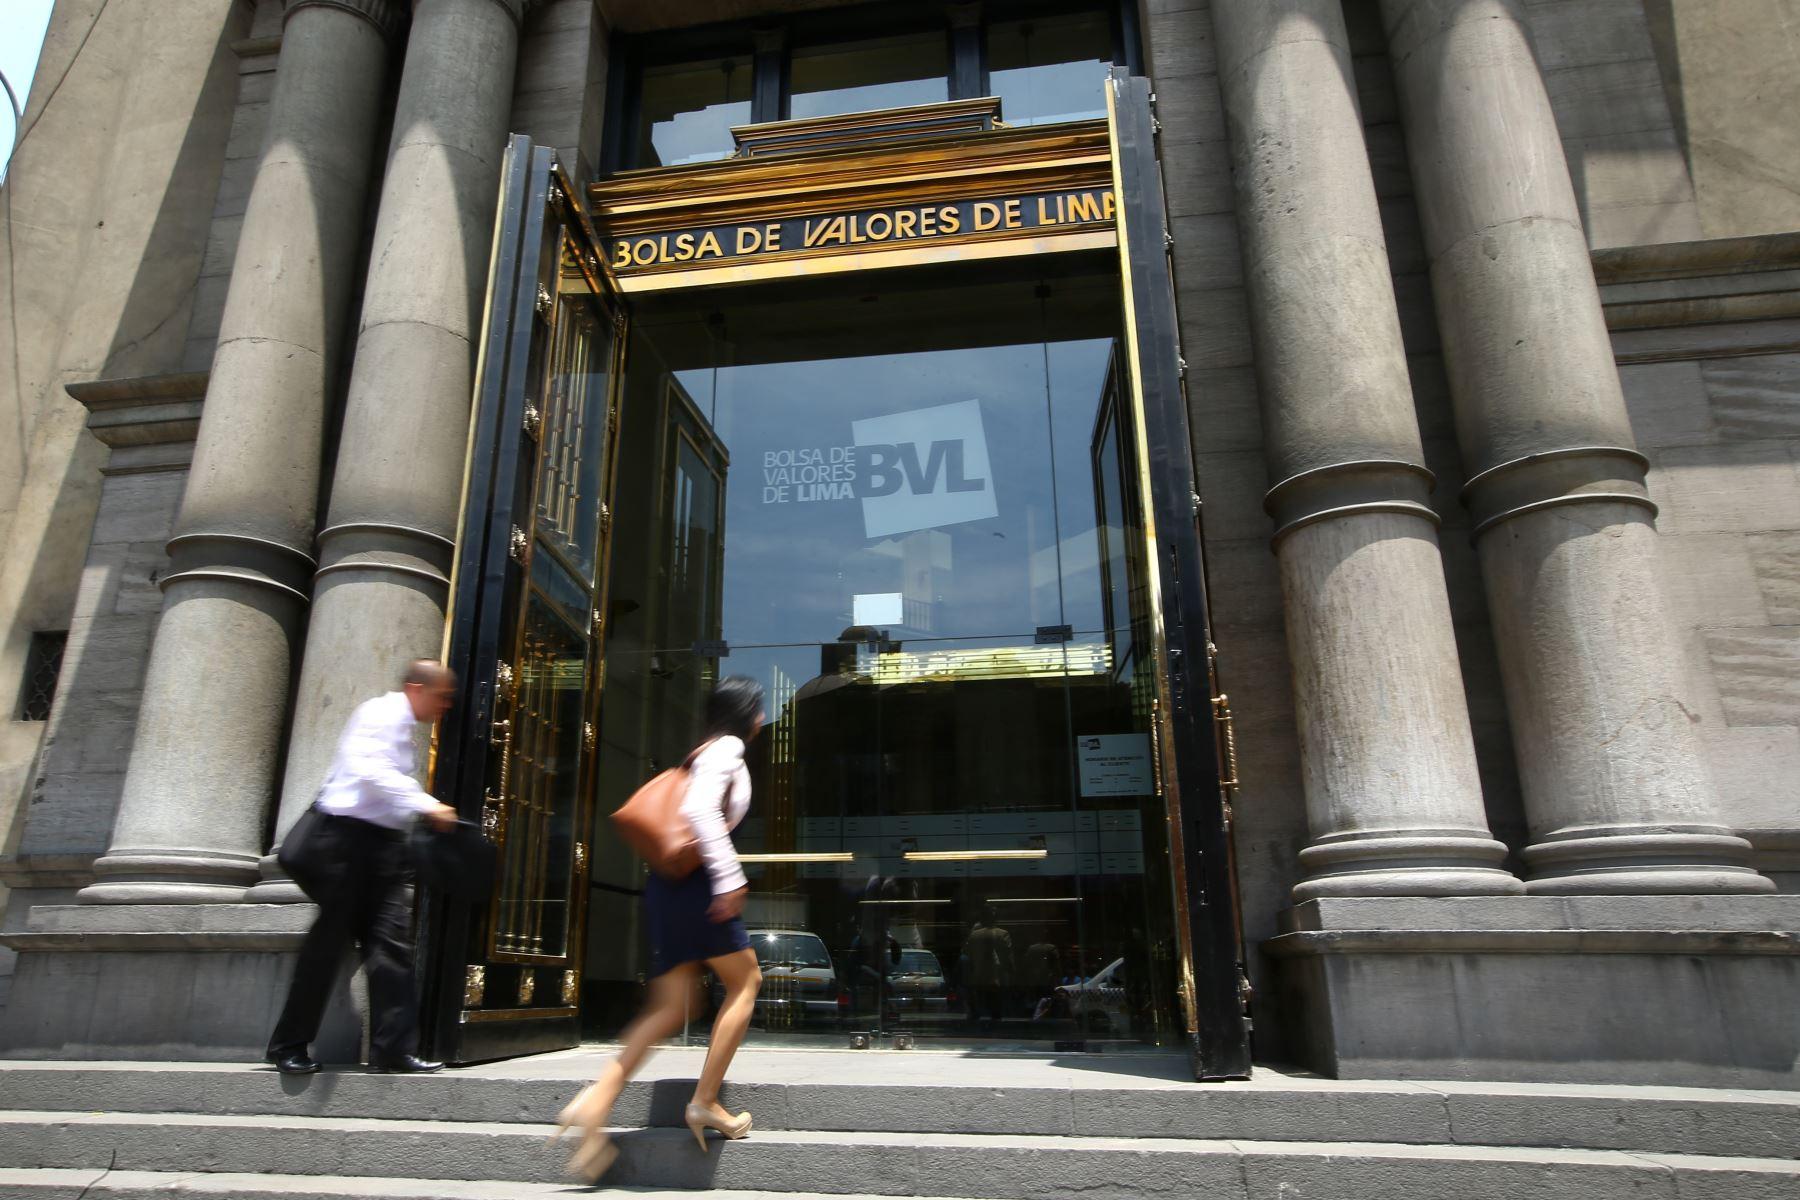 bolsas-de-valores-de-peru-chile-y-colombia-acordaron-la-contratacion-de-un-banco-de-inversion-ante-eventual-integracion